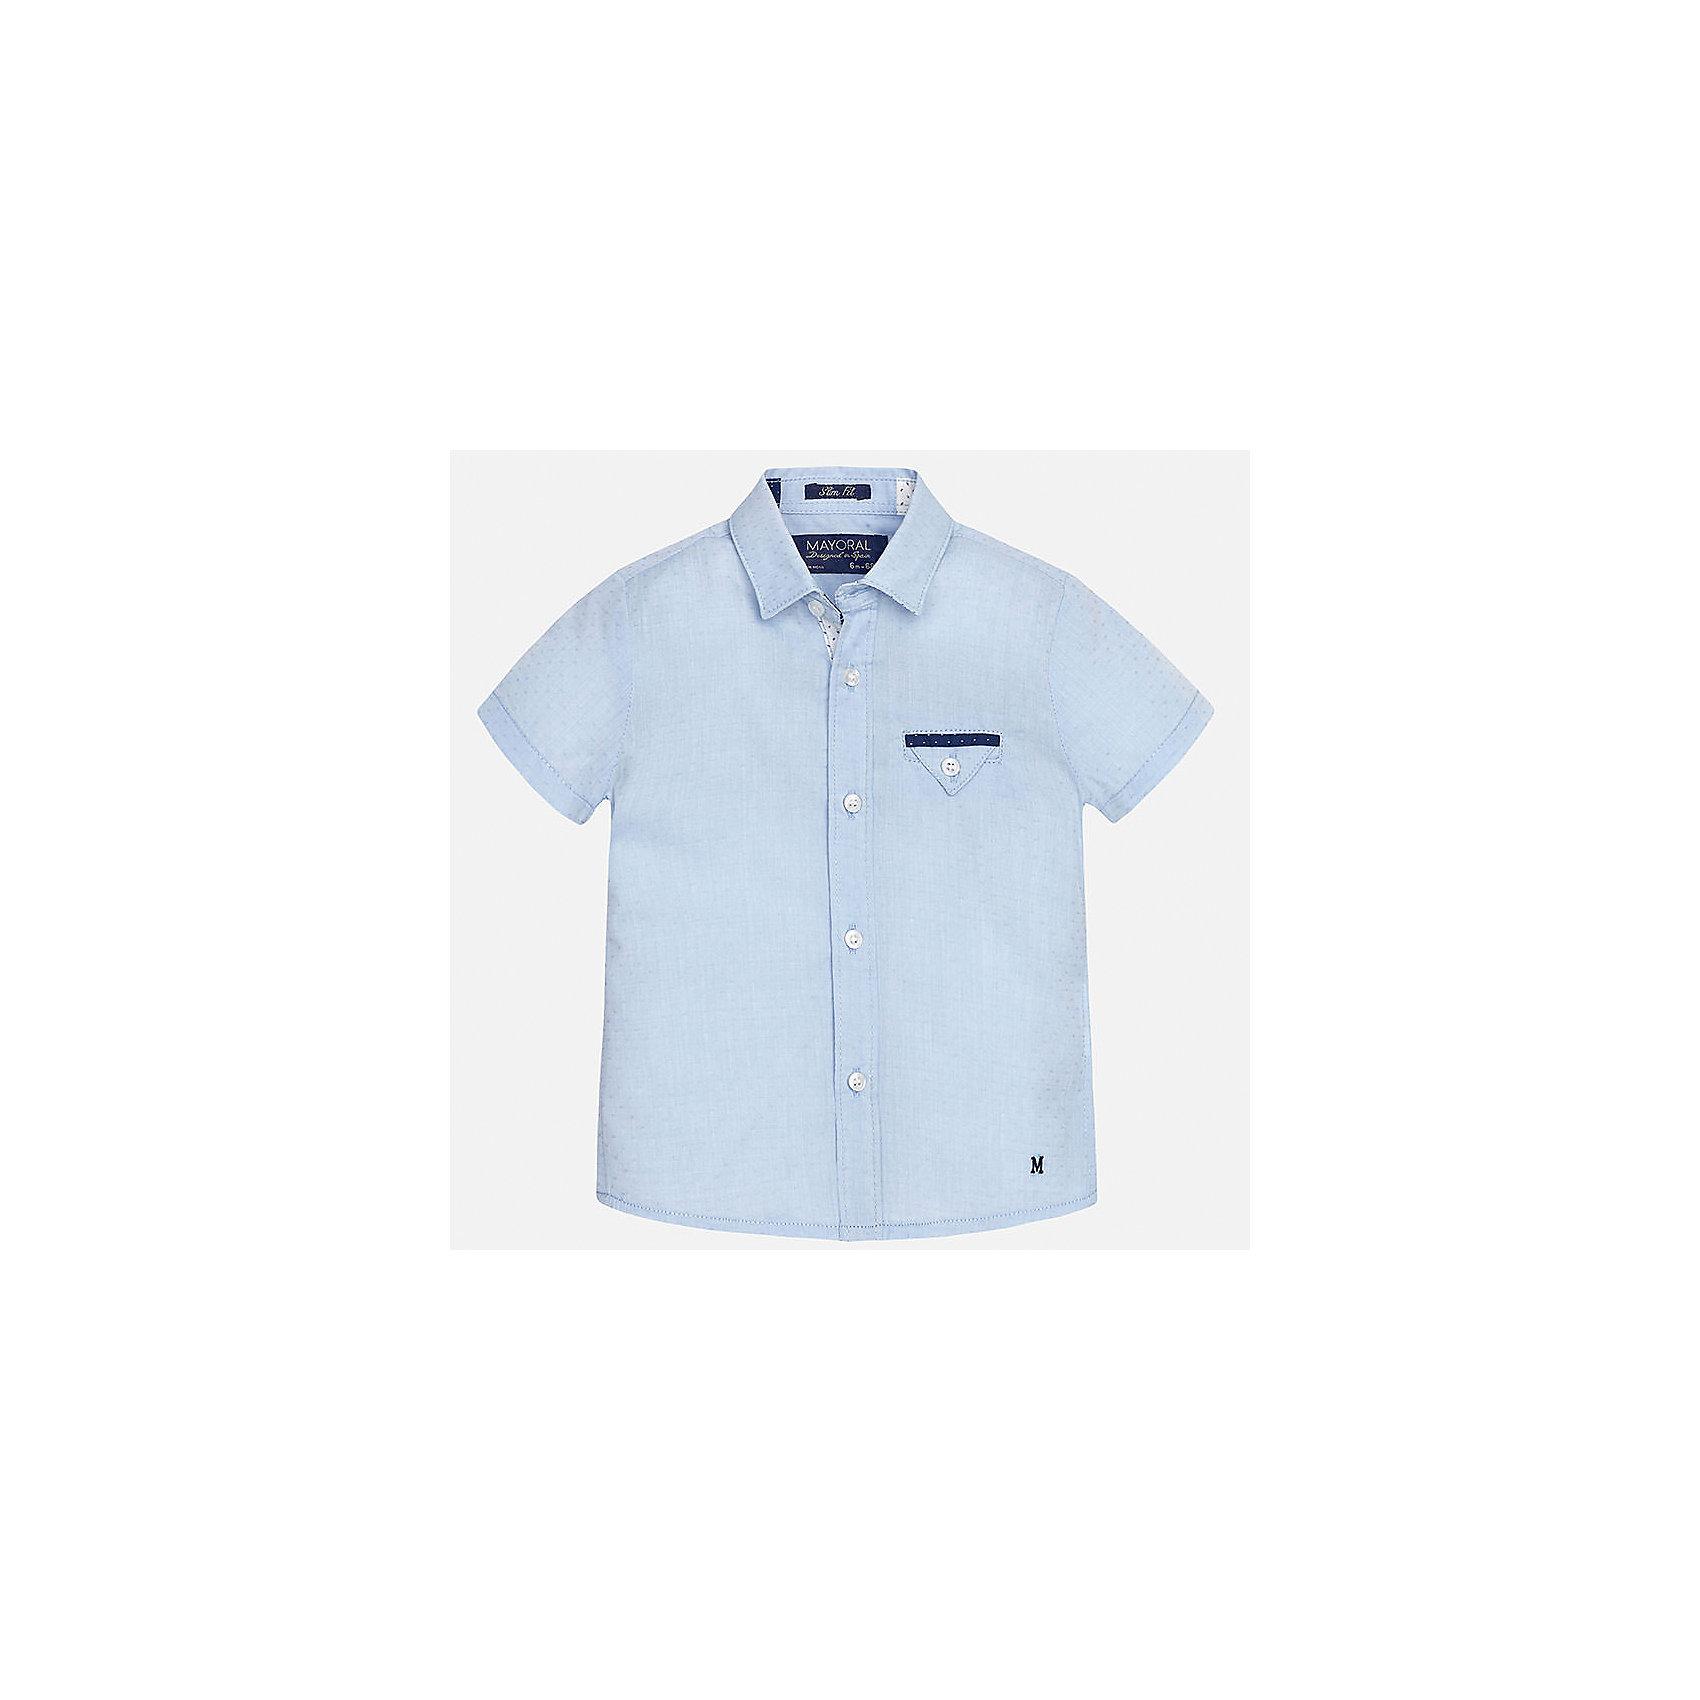 Рубашка для мальчика MayoralБлузки и рубашки<br>Характеристики товара:<br><br>• цвет: голубой<br>• состав: 100% хлопок<br>• отложной воротник<br>• короткие рукава<br>• застежка: пуговицы<br>• карман на груди<br>• страна бренда: Испания<br><br>Красивая рубашка может отлично дополнить гардероб ребенка. Она хорошо сочетается с брюками, шортами, джинсами и т.д. Универсальный крой и цвет позволяет подобрать к вещи низ разных расцветок. Практичное и стильное изделие! В составе материала - только натуральный хлопок, гипоаллергенный, приятный на ощупь, дышащий.<br><br>Одежда, обувь и аксессуары от испанского бренда Mayoral полюбились детям и взрослым по всему миру. Модели этой марки - стильные и удобные. Для их производства используются только безопасные, качественные материалы и фурнитура. Порадуйте ребенка модными и красивыми вещами от Mayoral! <br><br>Рубашку для мальчика от испанского бренда Mayoral (Майорал) можно купить в нашем интернет-магазине.<br><br>Ширина мм: 174<br>Глубина мм: 10<br>Высота мм: 169<br>Вес г: 157<br>Цвет: голубой<br>Возраст от месяцев: 12<br>Возраст до месяцев: 18<br>Пол: Мужской<br>Возраст: Детский<br>Размер: 86,92,80<br>SKU: 5279460